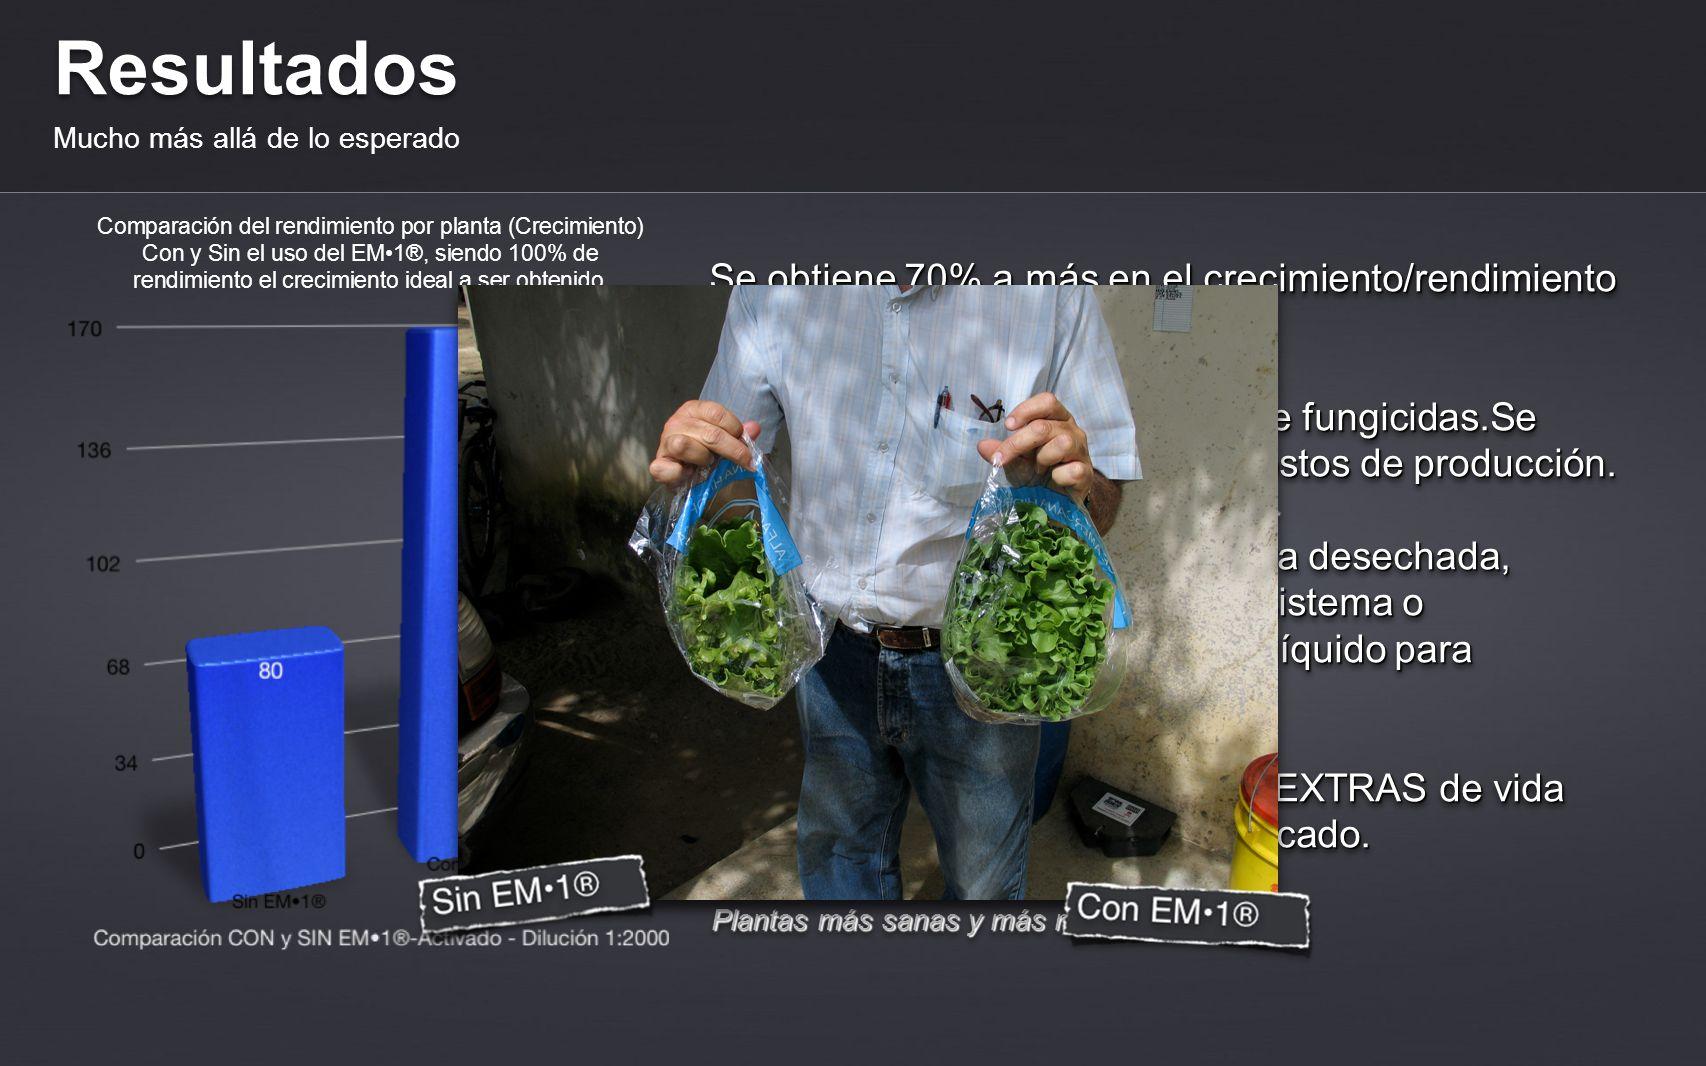 Resultados Mucho más allá de lo esperado Plantas más sanas y más resistentes. Controla eficazmente Pythium y Cercospora. Se obtiene 70% a más en el cr